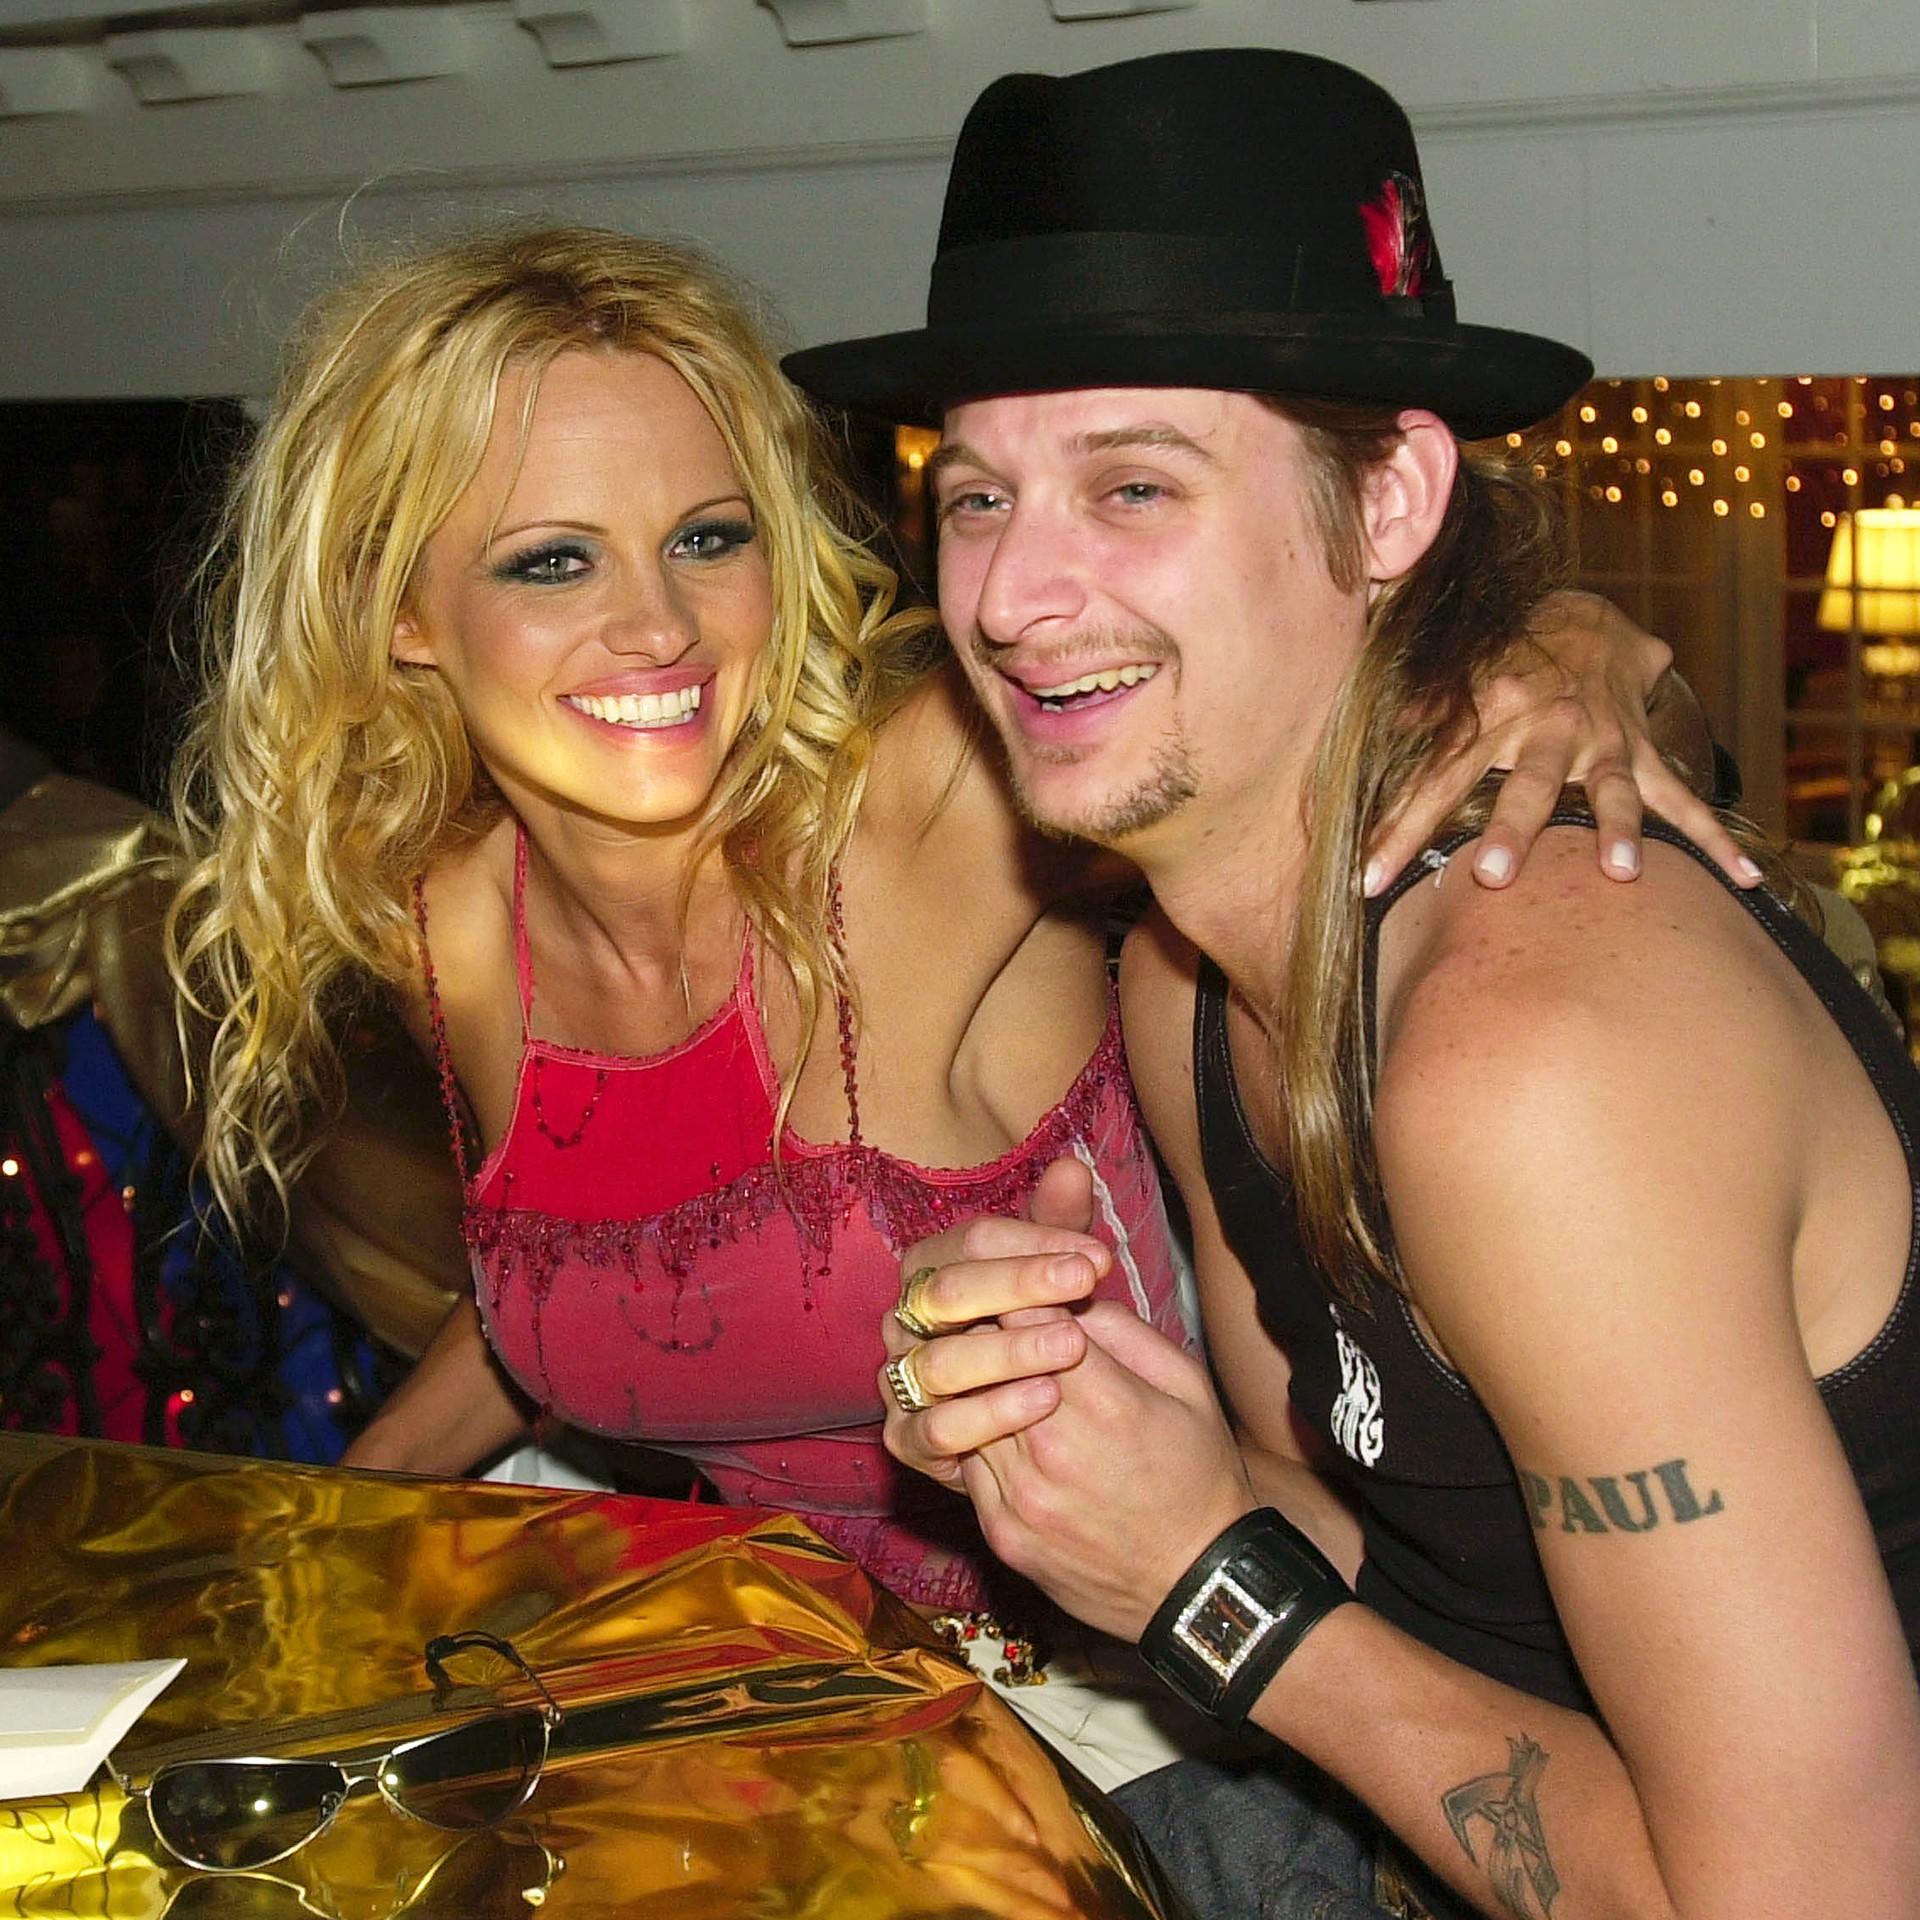 A atriz Pamela Anderson, de 46 anos, e o músico Kid Rock, de 43, romperam o noivado em 2003, depois se casaram em julho de 2006, oficializaram a união em agosto daquele ano e pediram divórcio duas semanas depois disso. (Foto: Getty Images)